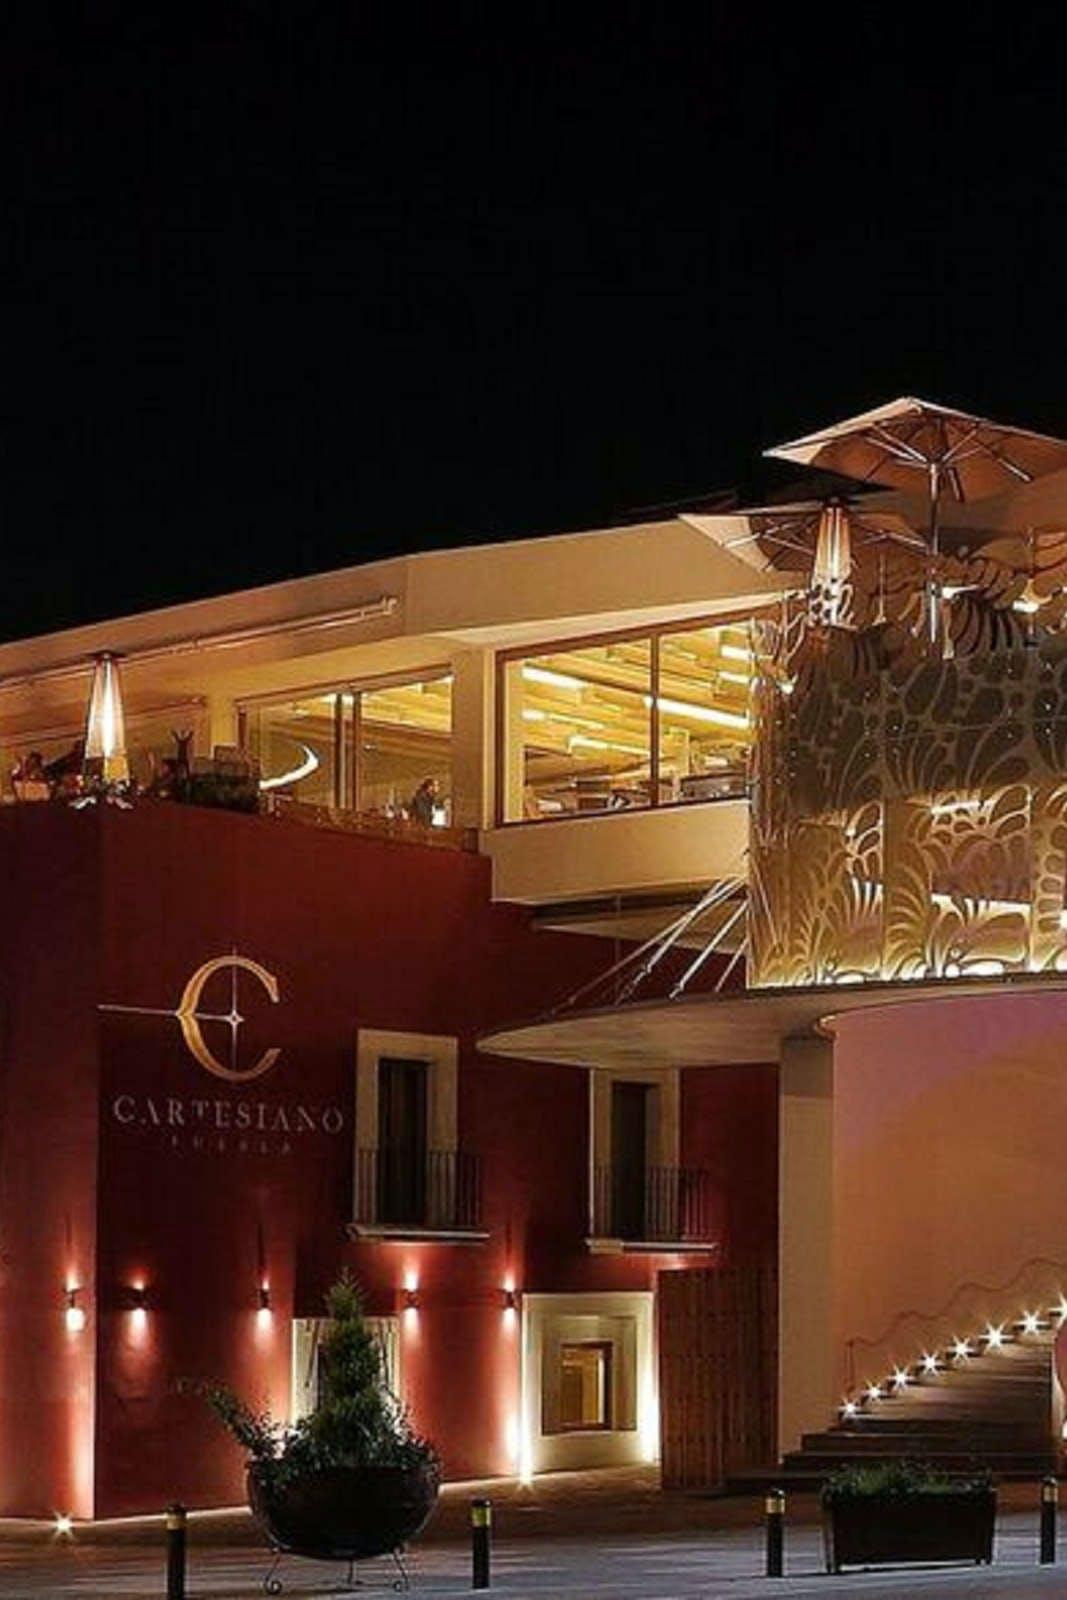 Hotel Cartesiano